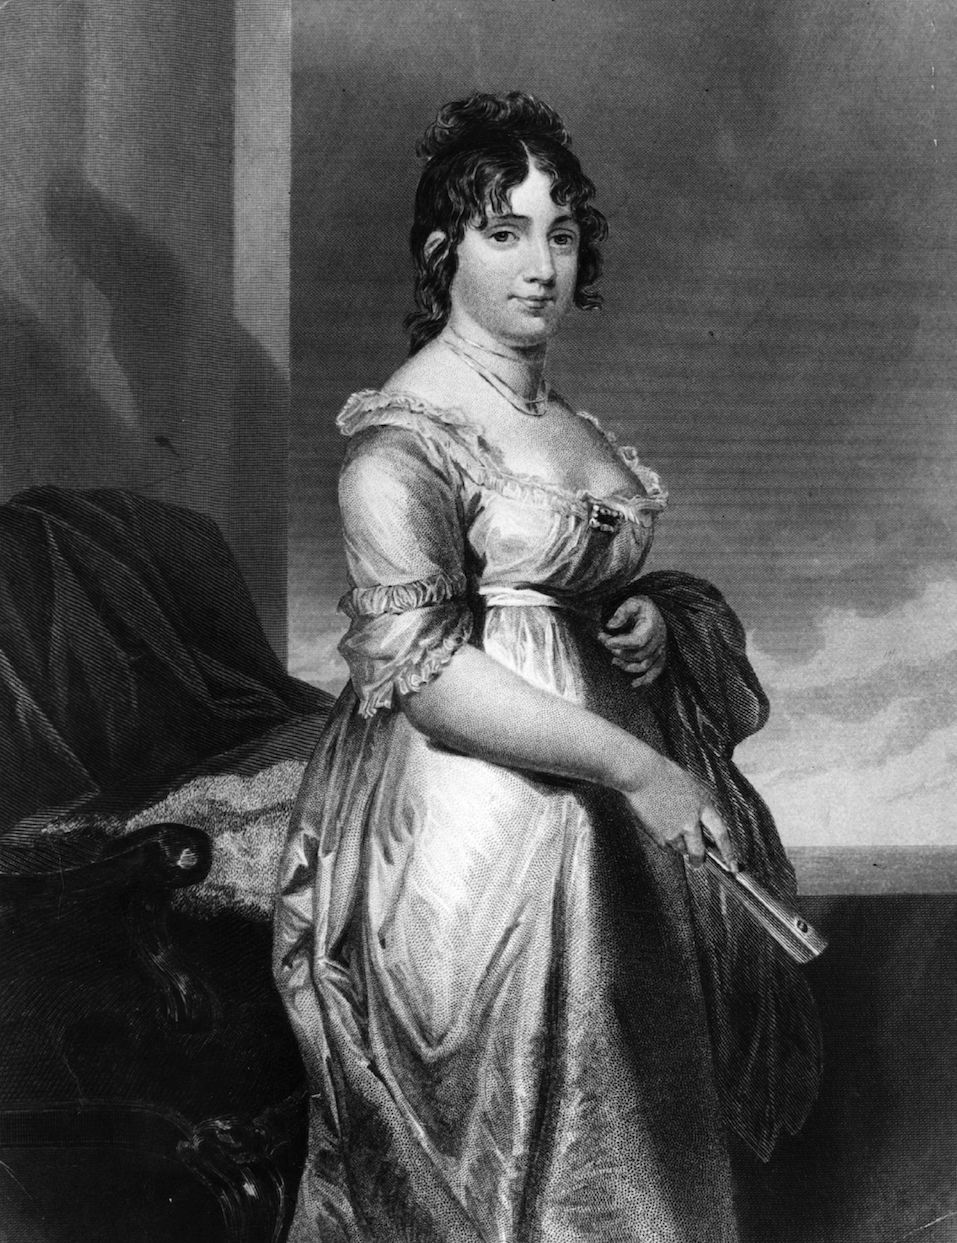 Dorothy 'Dolley' Madison (1772 - 1847), nee Dorothy Payne, wife of James Madison